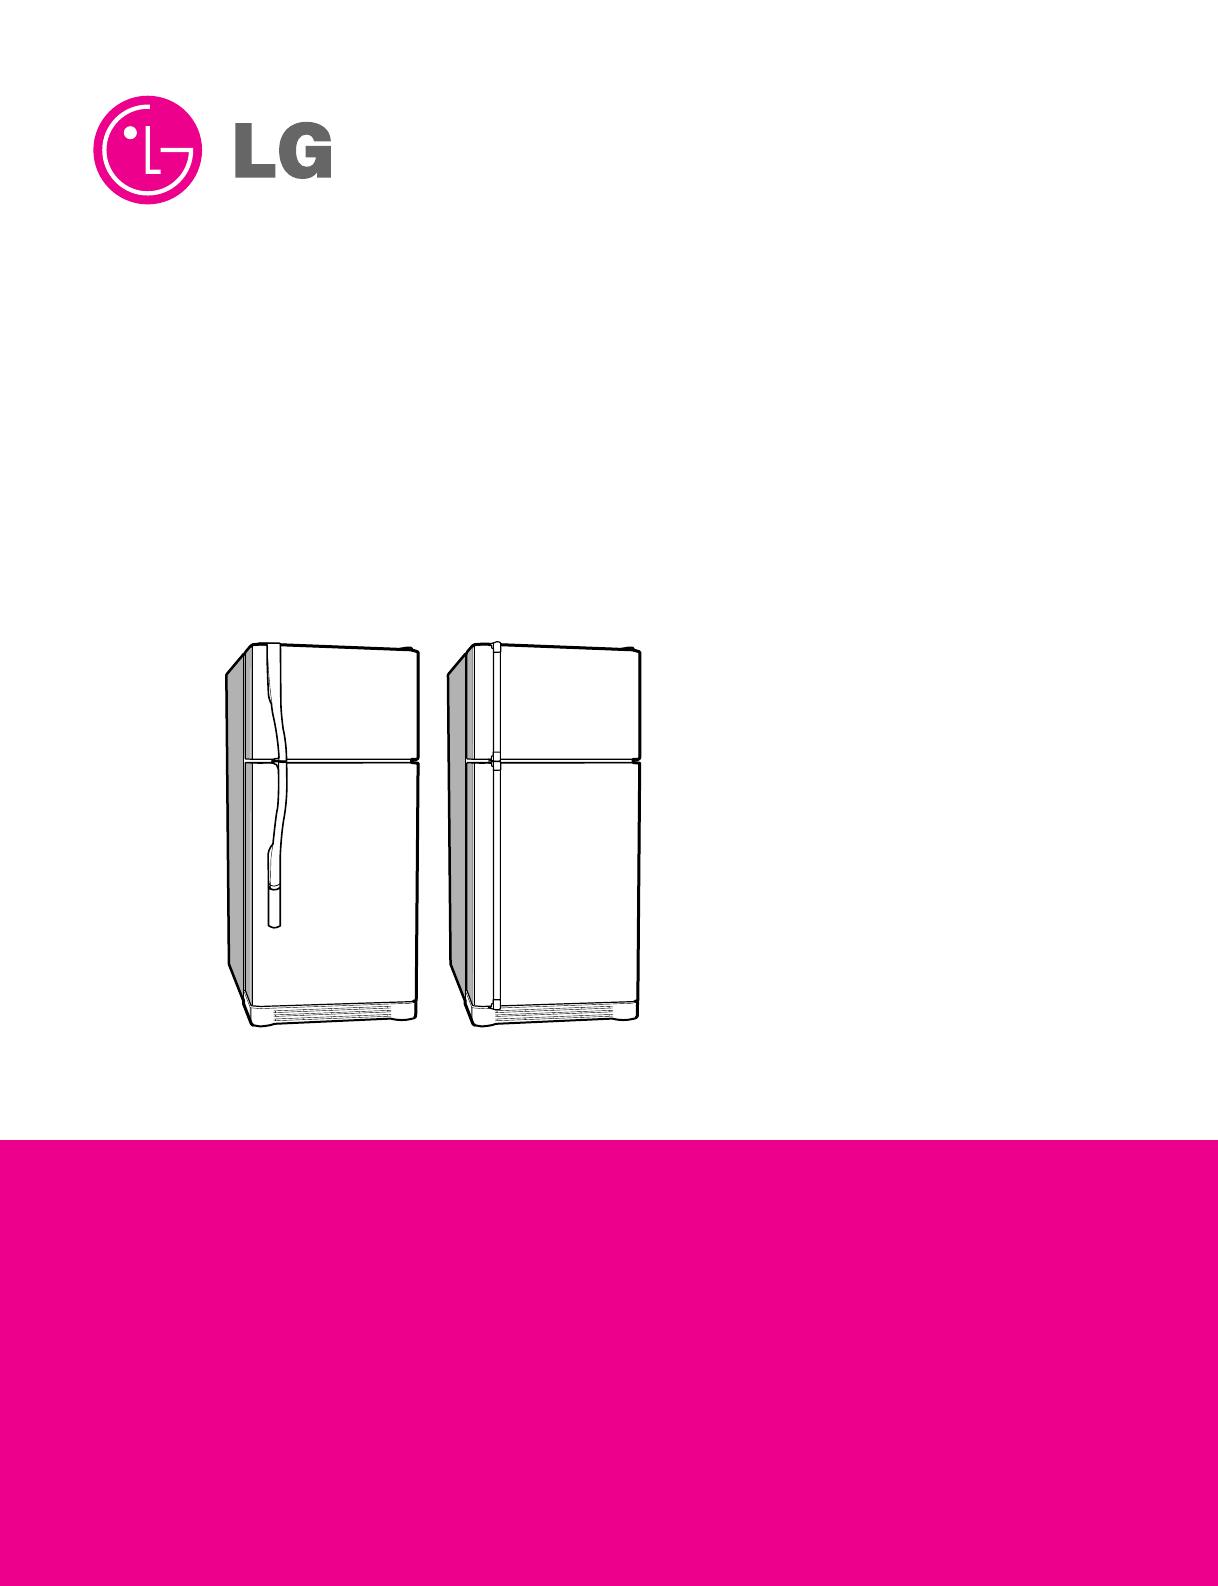 lg v30 user manual pdf